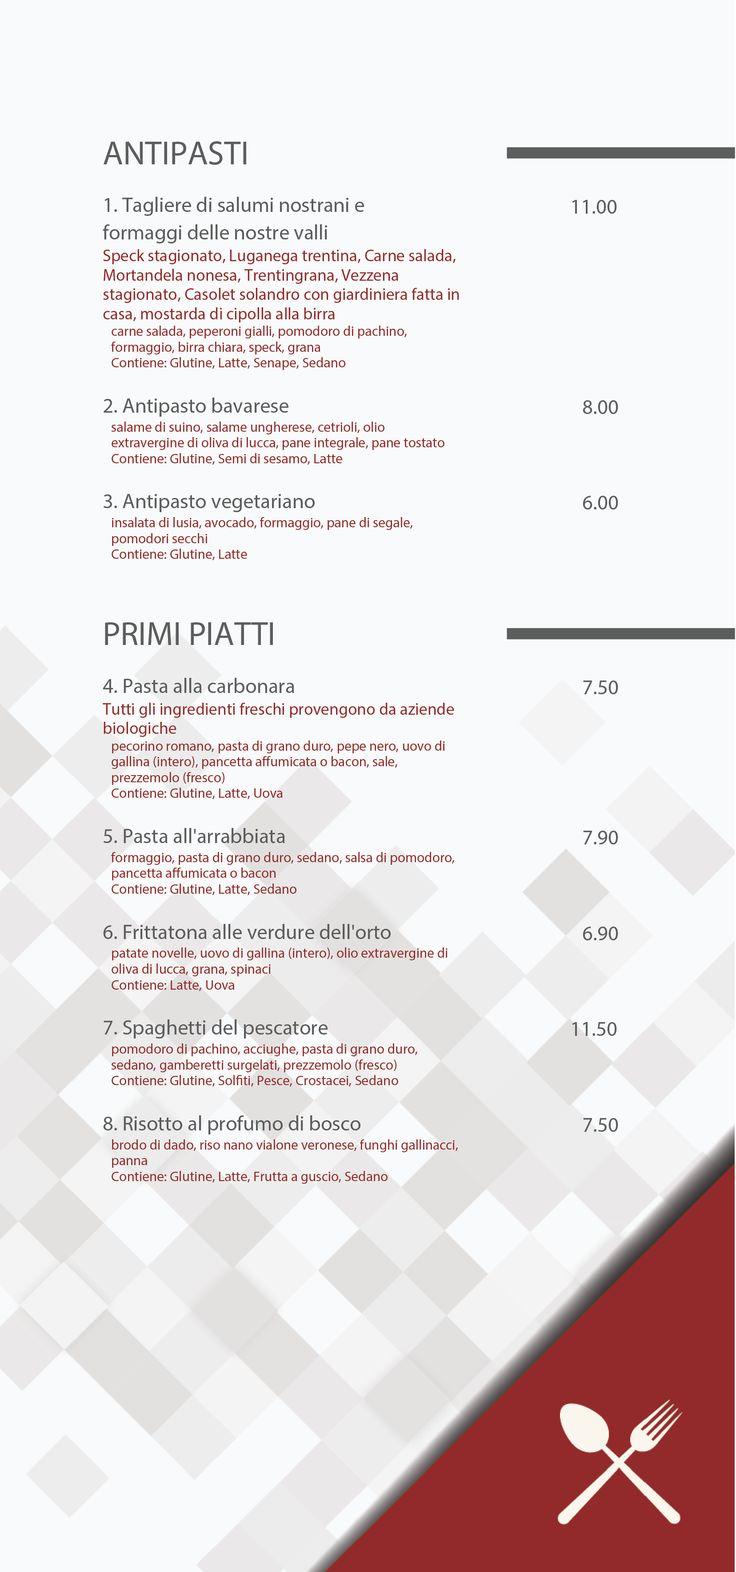 Nuova grafica per le stampe del tuo #menù #myfood Il menù elegante e semplice verticale, grigio e rosso Scopri di più su http://myfood.okkam.it/ #myfoodOK #menuonline #graficamenu #allergeni #ristoranti #pizzeria #bar